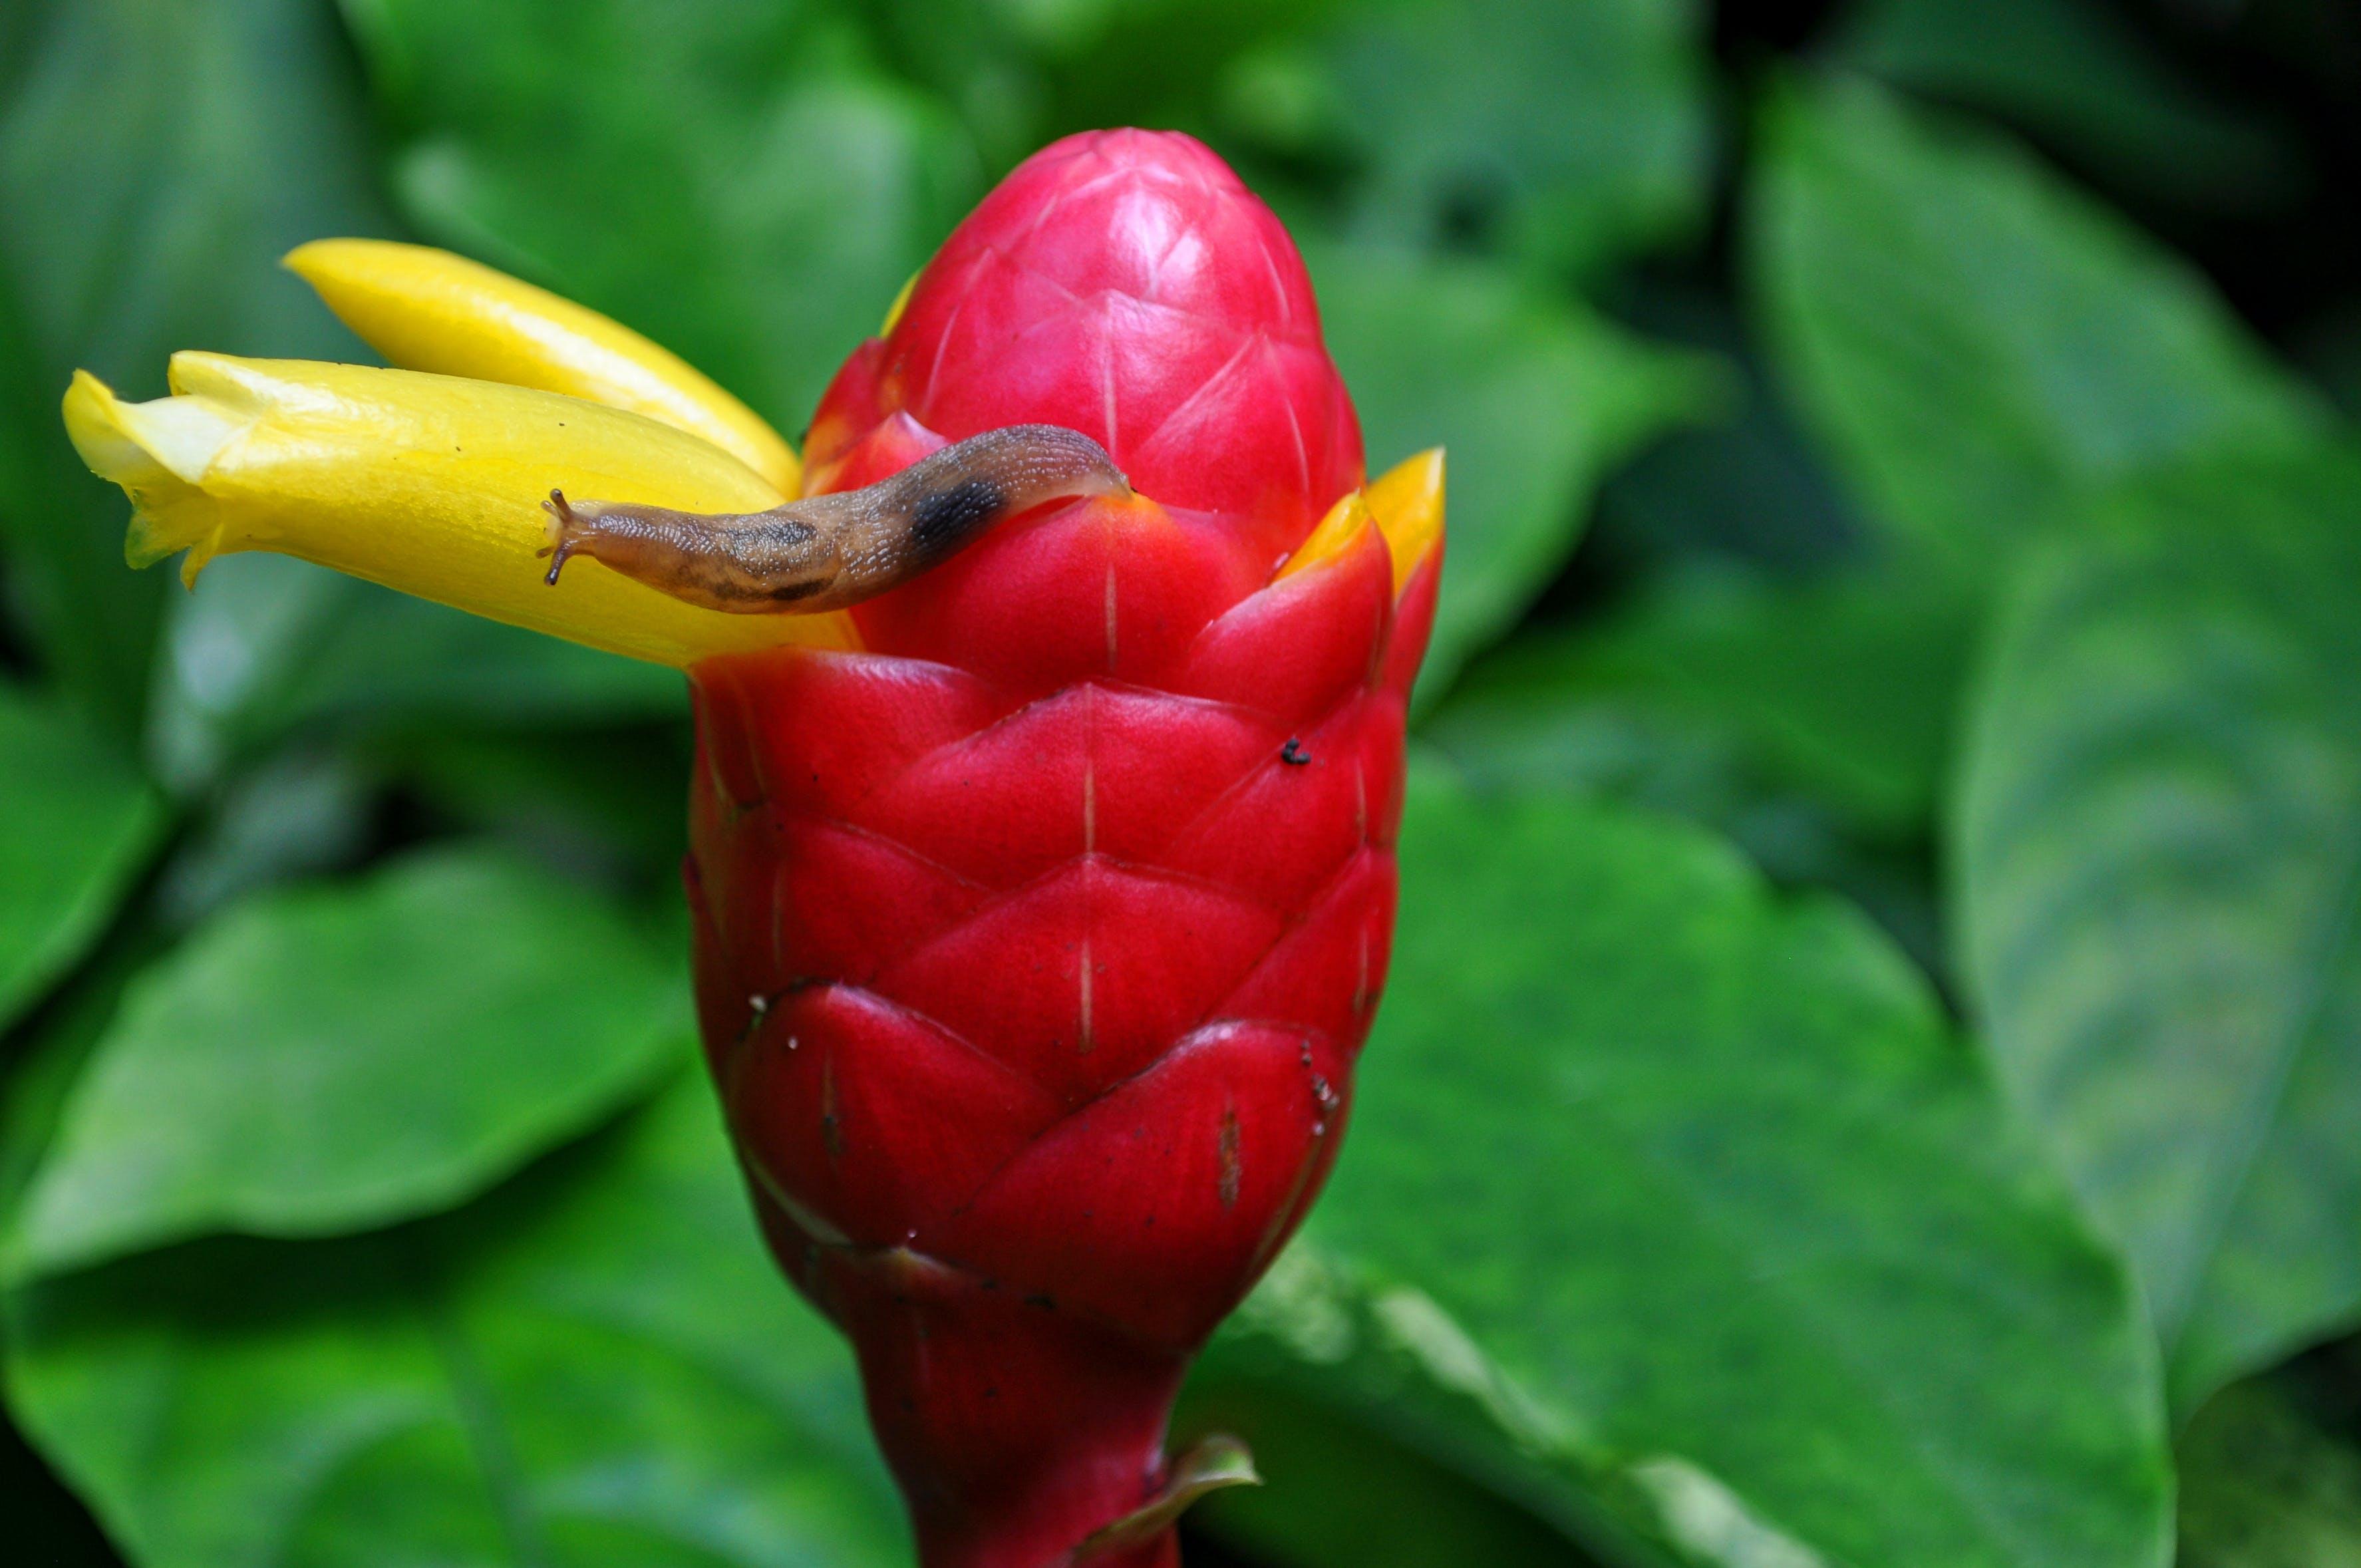 꽃, 꽃봉오리, 달팽이, 민달팽이의 무료 스톡 사진